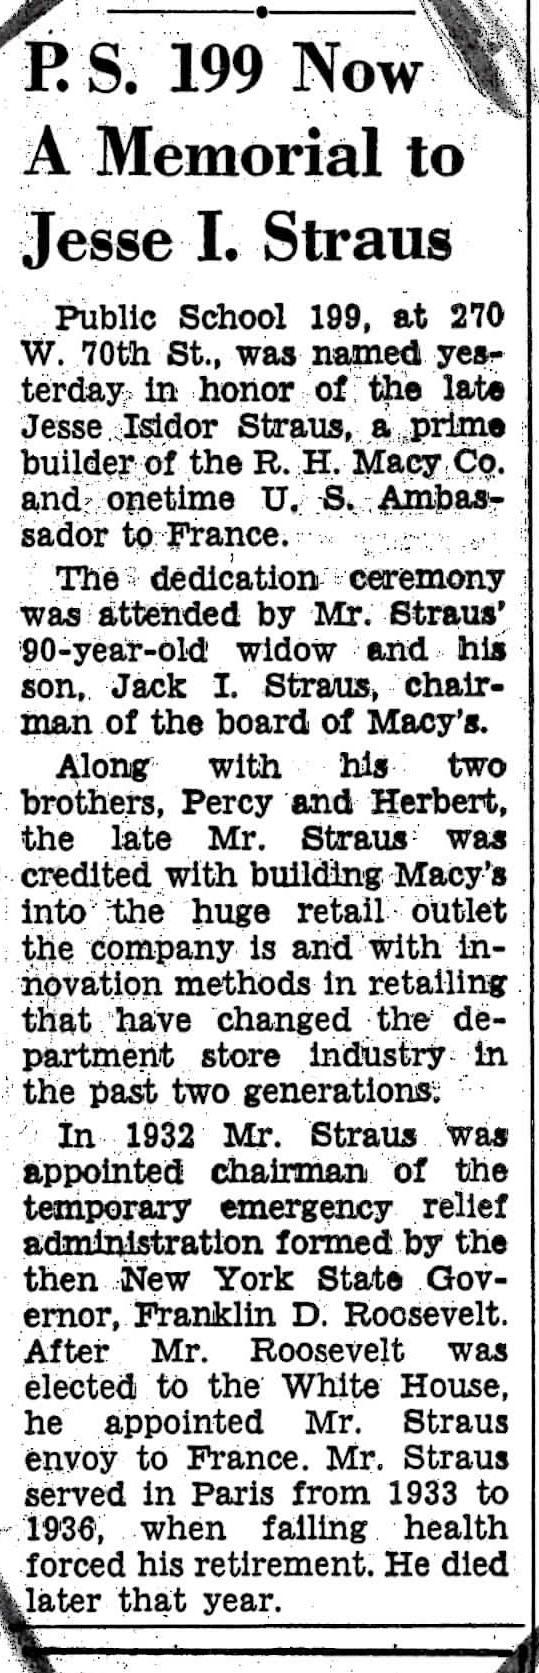 NY Herald Tribune Mar 25, 1964